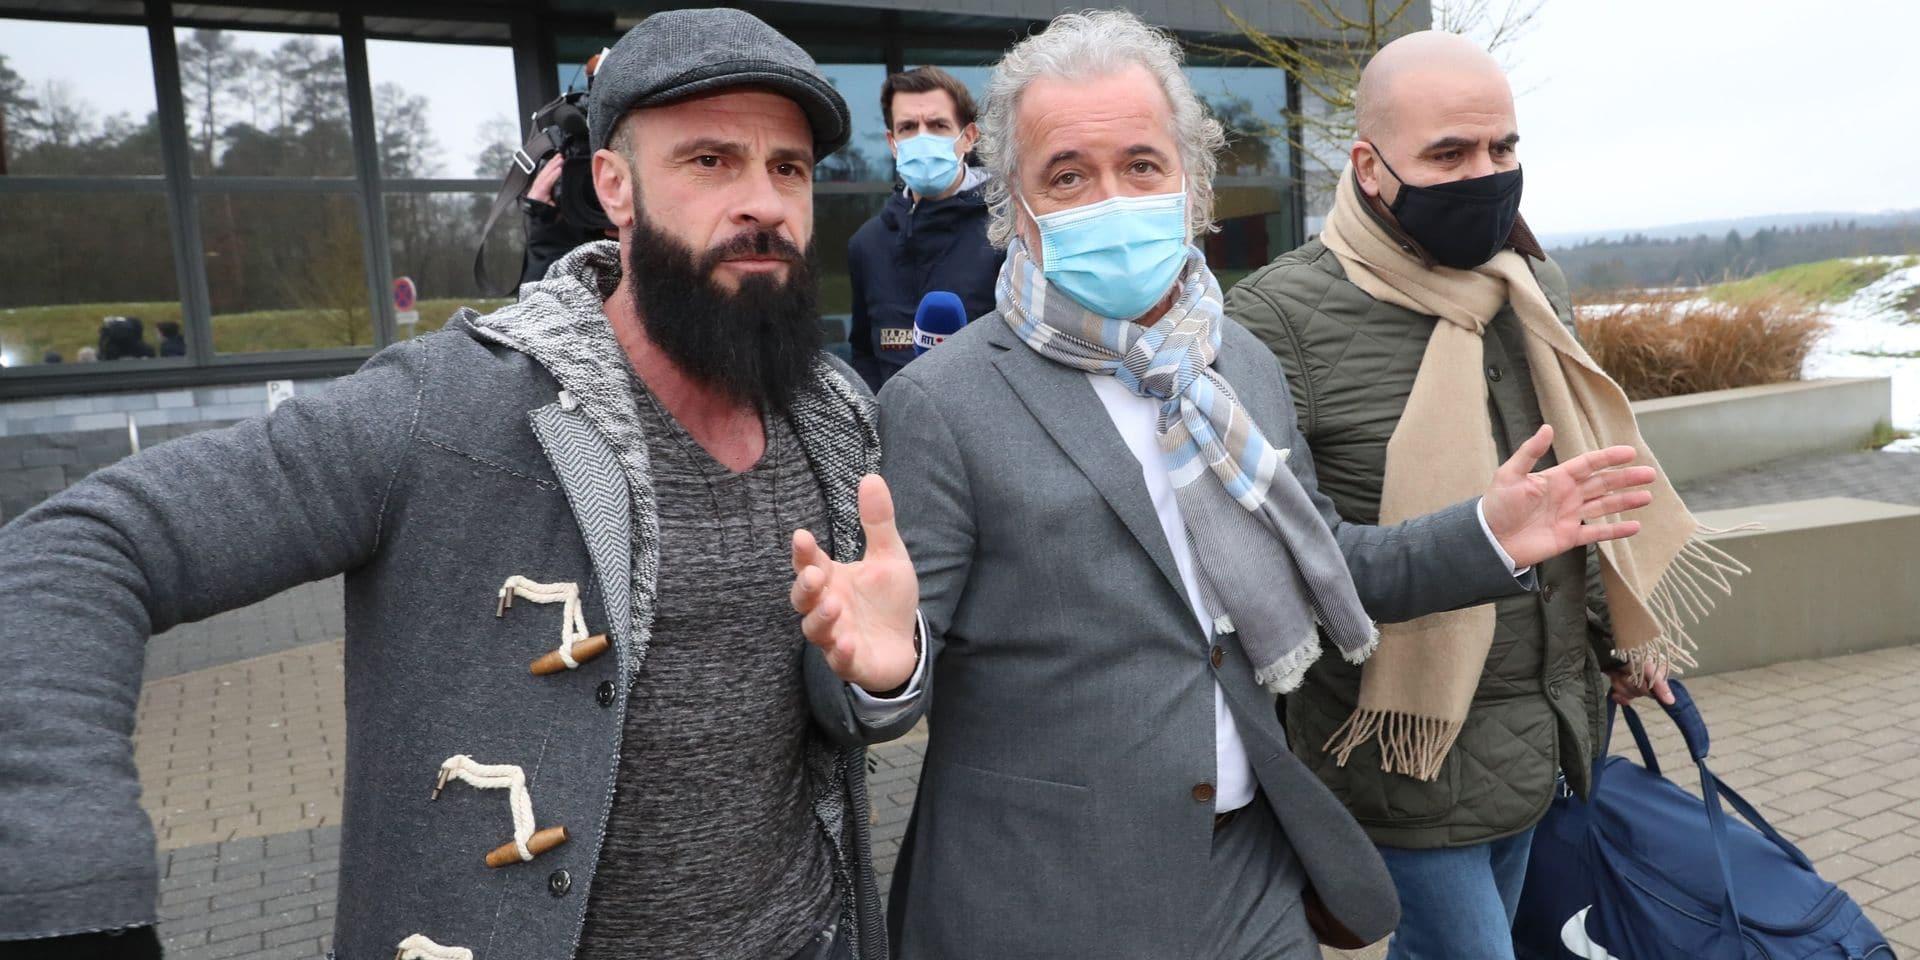 """Affaire Nethys: François Fornieri a quitté la prison, Stéphane Moreau toujours """"combatif"""" tandis que Pol Heyse serait dans un """"état de désarroi"""""""